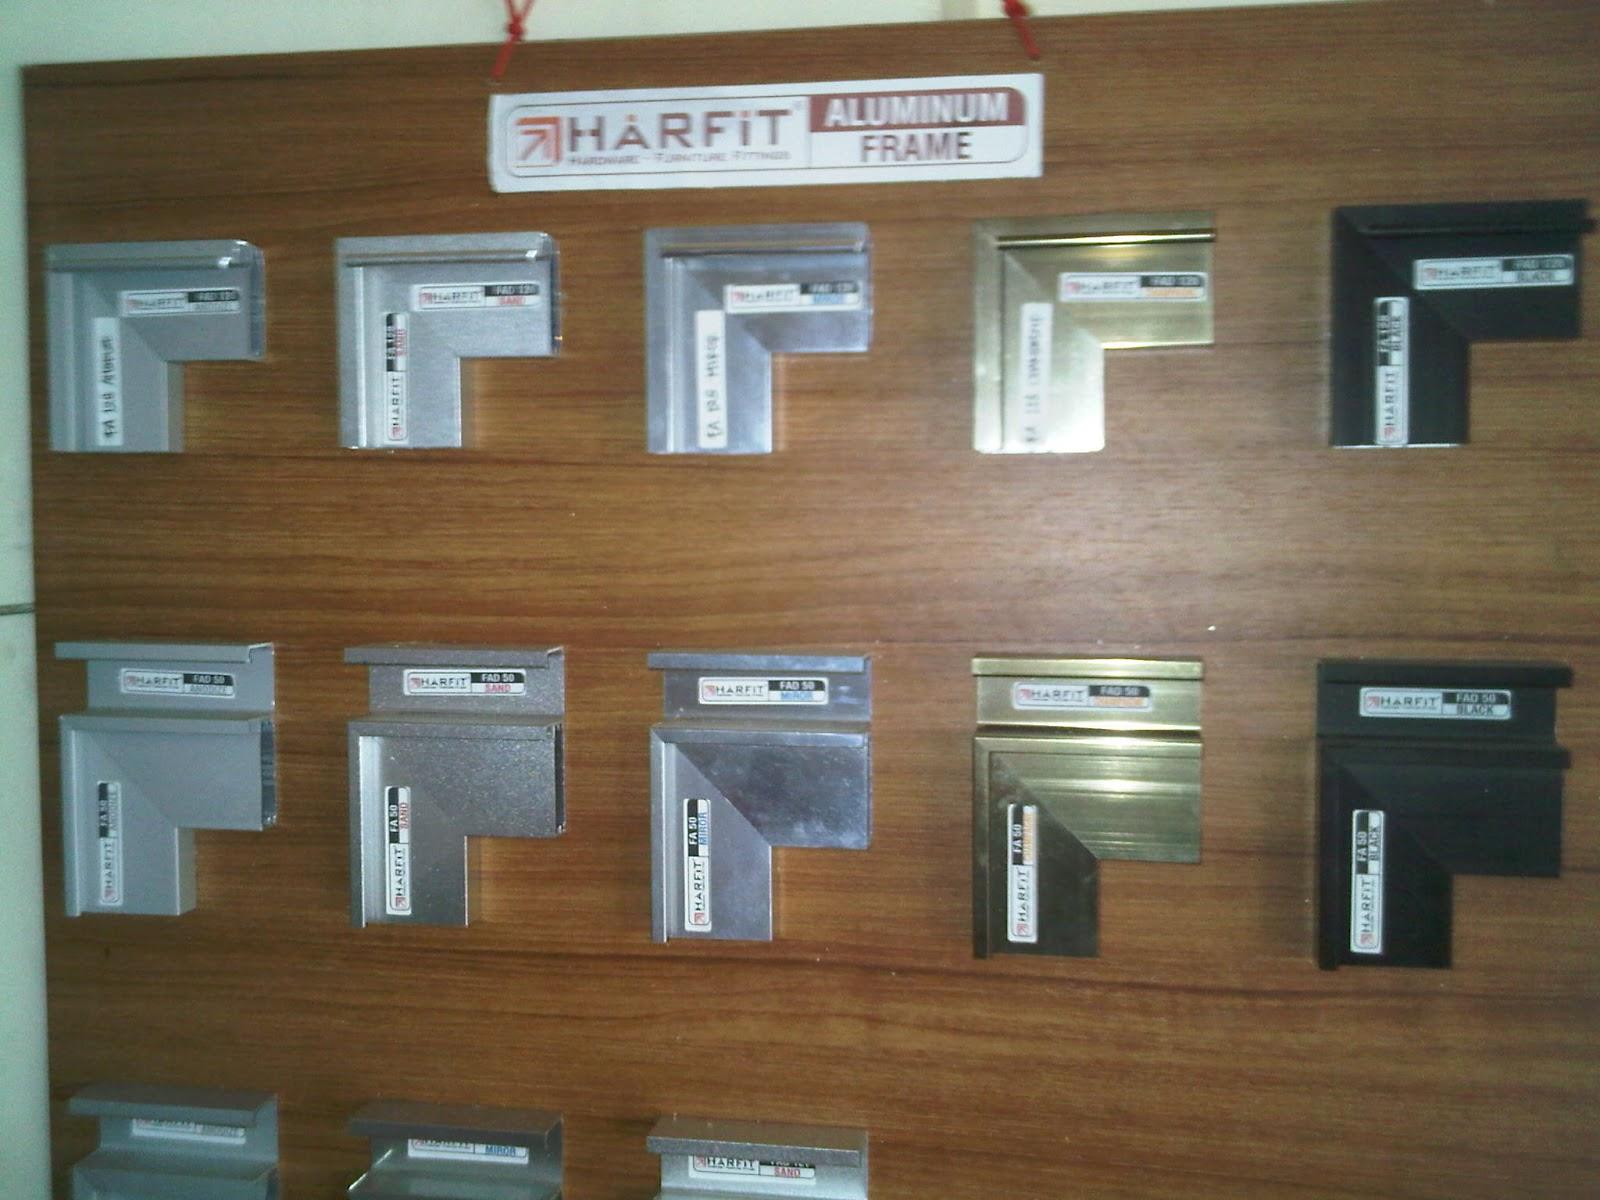 Handle dan frame aluminium untuk kaca harfit bintang for Jual kitchen set aluminium